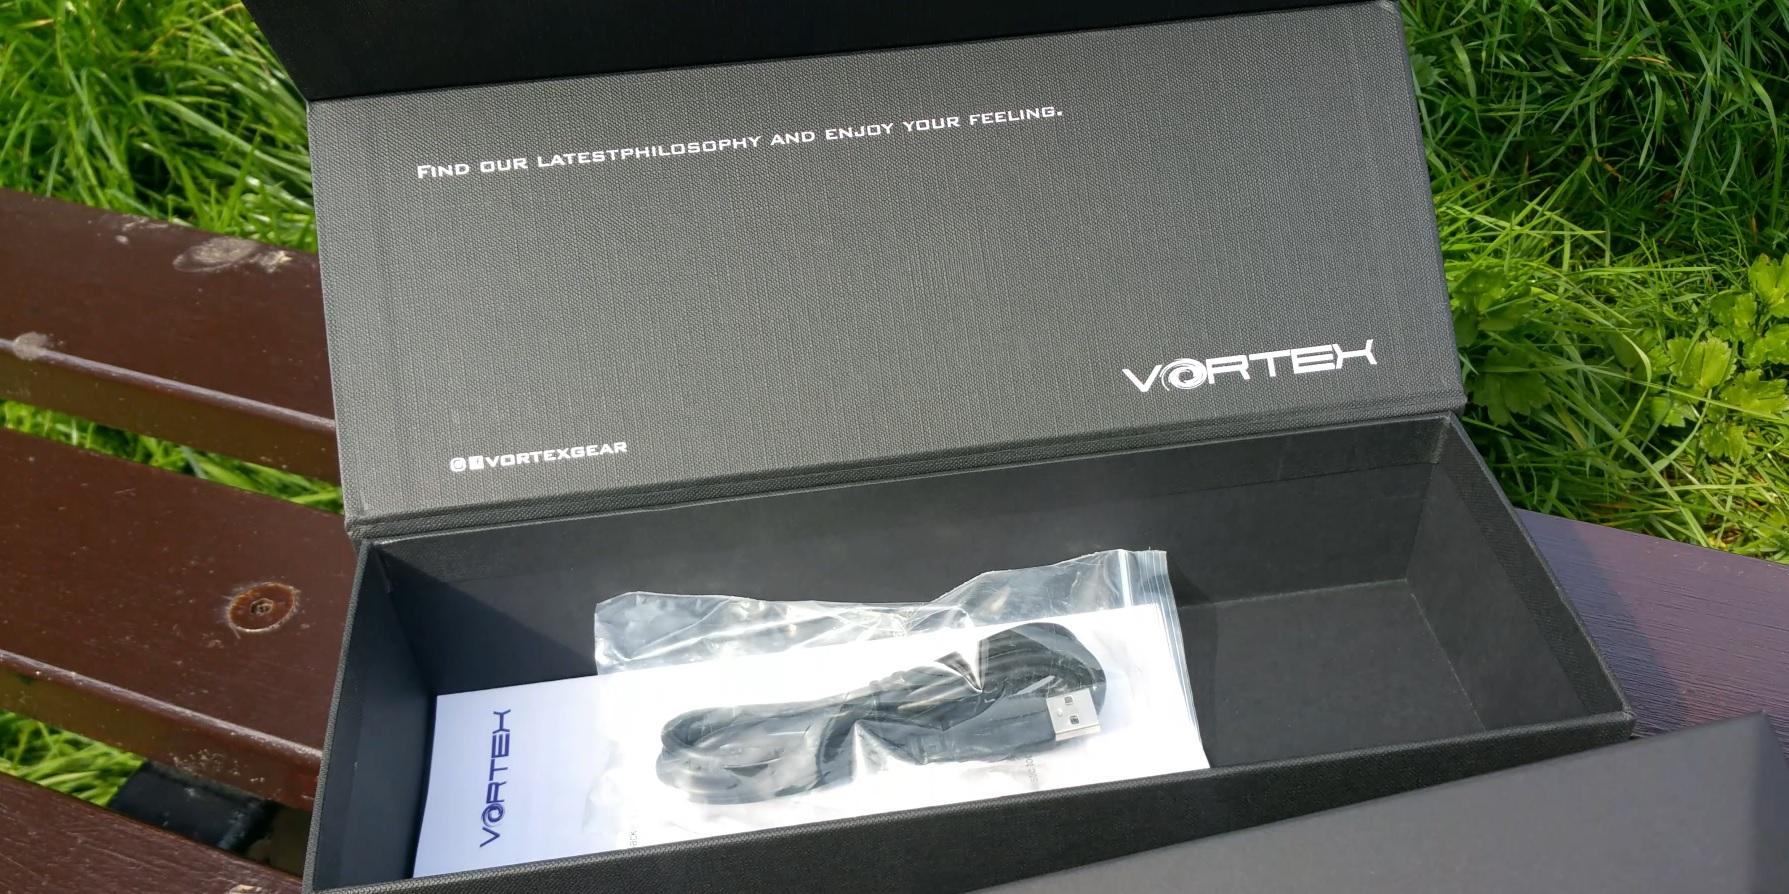 Vortex_6